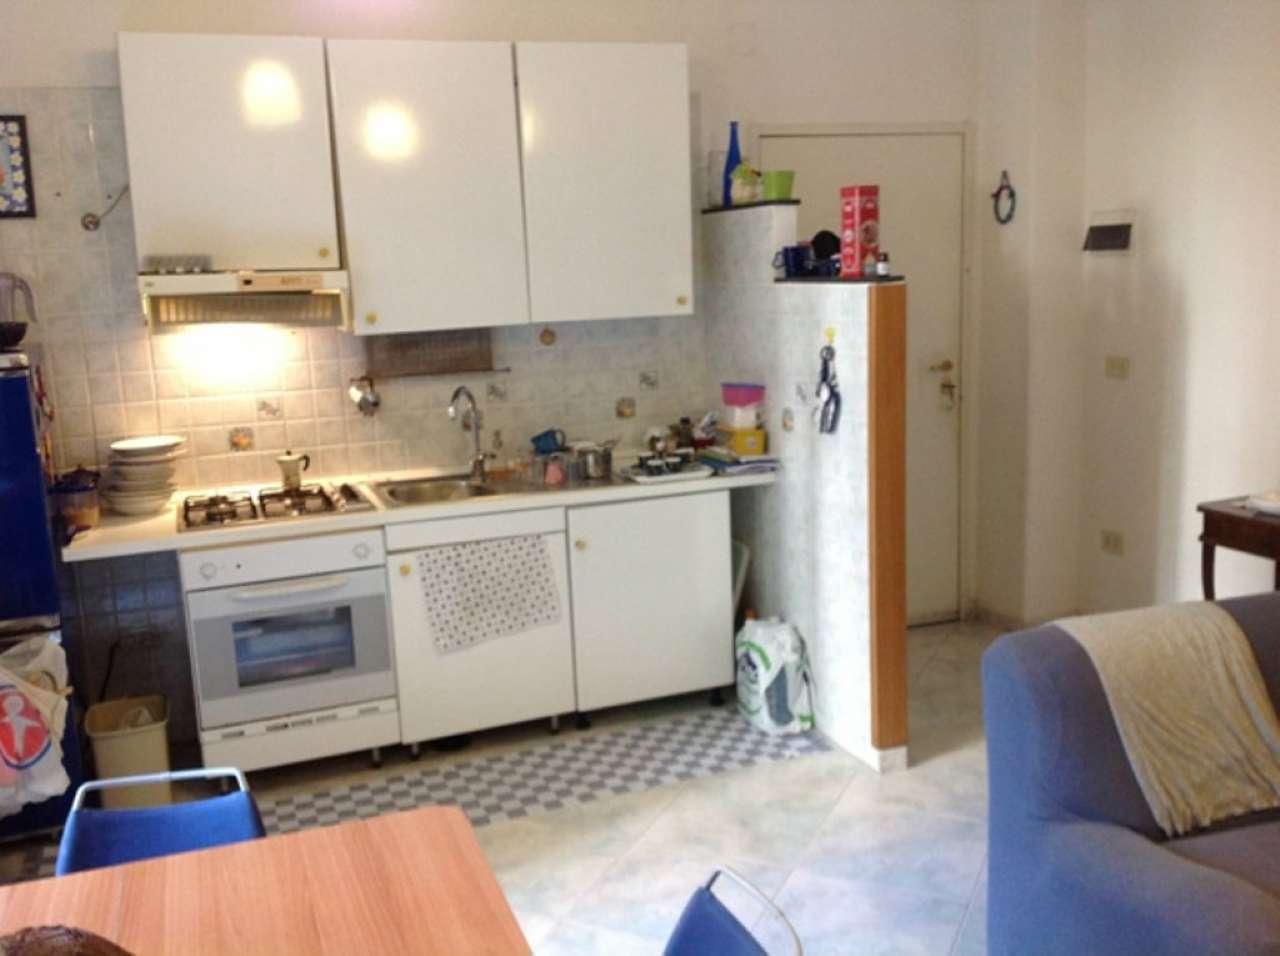 Appartamento in affitto a Napoli, 2 locali, zona Zona: 10 . Bagnoli, Fuorigrotta, Agnano, prezzo € 550 | Cambio Casa.it